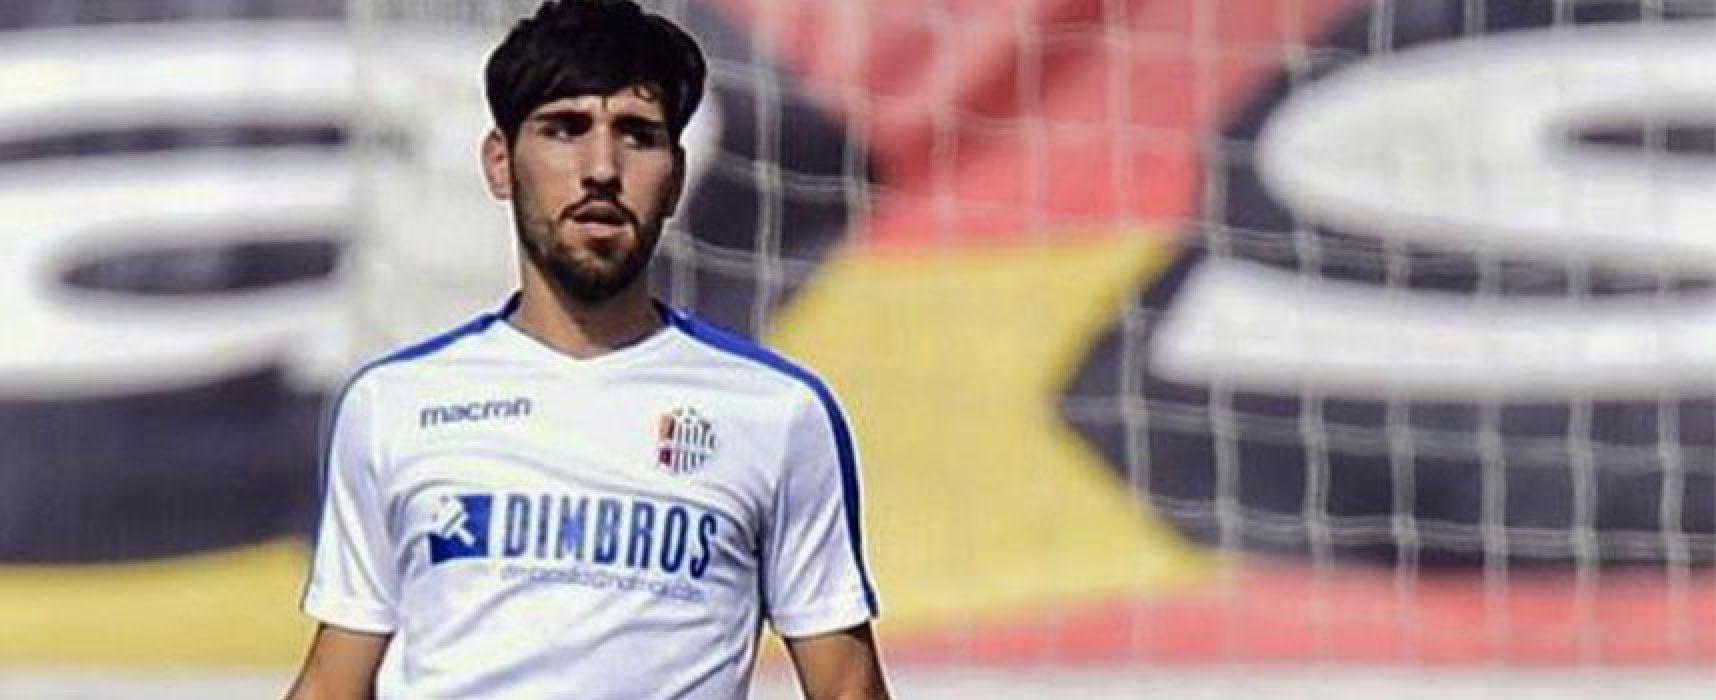 Mercato Bisceglie Calcio: preso il centrocampista Giordano Trovade